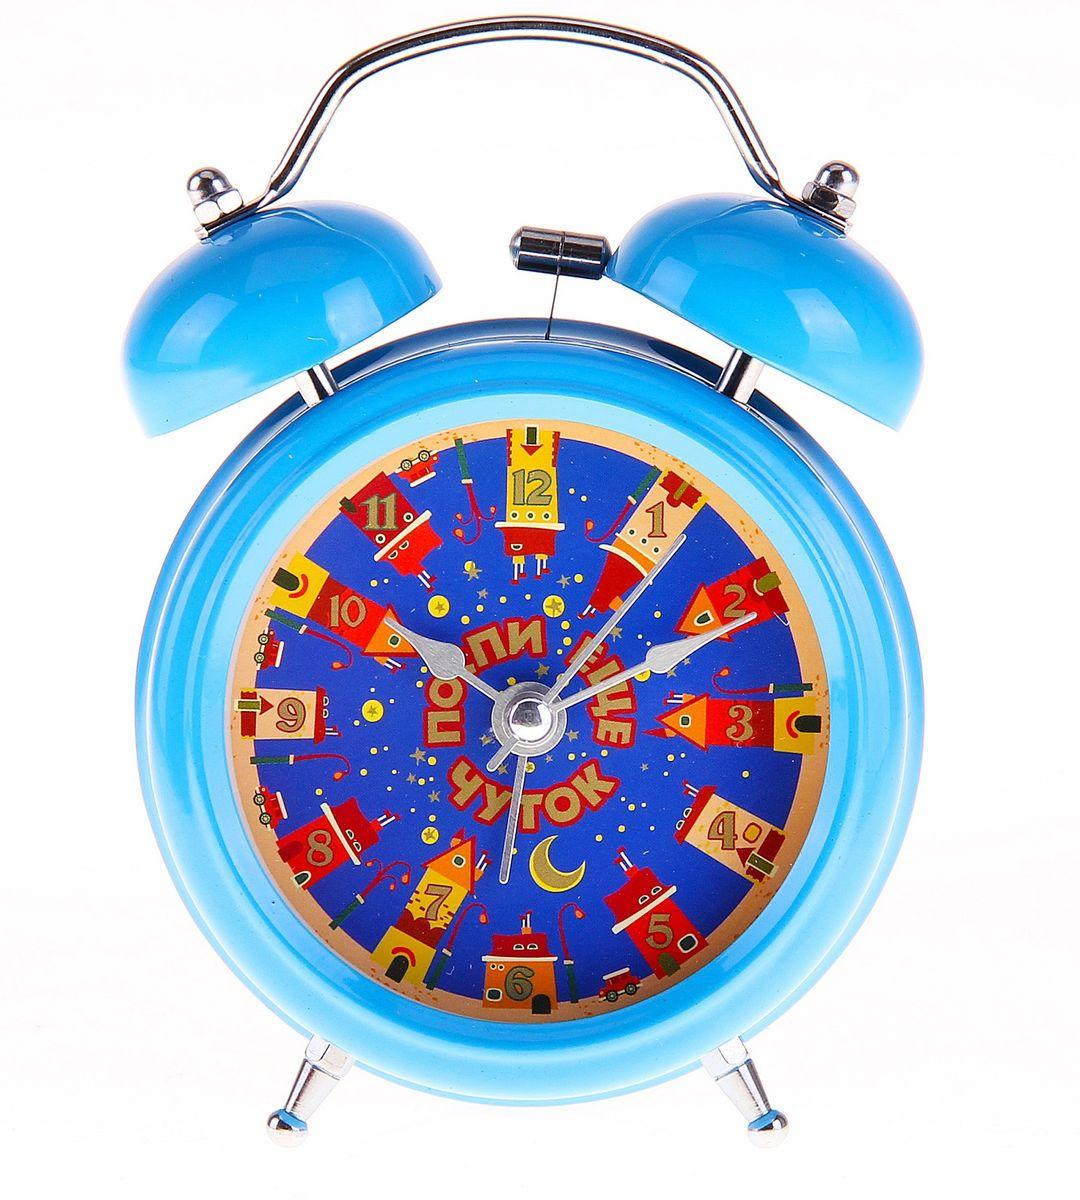 Часы-будильник Sima-land Поспи еще чуток728396Как же сложно иногда вставать вовремя! Всегда так хочется поспать еще хотя бы 5 минут и бывает, что мы просыпаем. Теперь этого не случится! Яркий, оригинальный будильник Sima-land Поспи еще чуток поможет вам всегда вставать в нужное время и успевать везде и всюду. Корпус будильника выполнен из металла. Циферблат оформлен ярким рисунком и надписью: Поспи еще чуток, имеет индикацию арабскими цифрами. Часы снабжены 4 стрелками (секундная, минутная, часовая и для будильника). На задней панели будильника расположен переключатель включения/выключения механизма, а также два колесика для настройки текущего времени и времени звонка будильника. Пользоваться будильником очень легко: нужно всего лишь поставить батарейку, настроить точное время и установить время звонка. Необходимо докупить 1 батарейку типа АА (не входит в комплект).